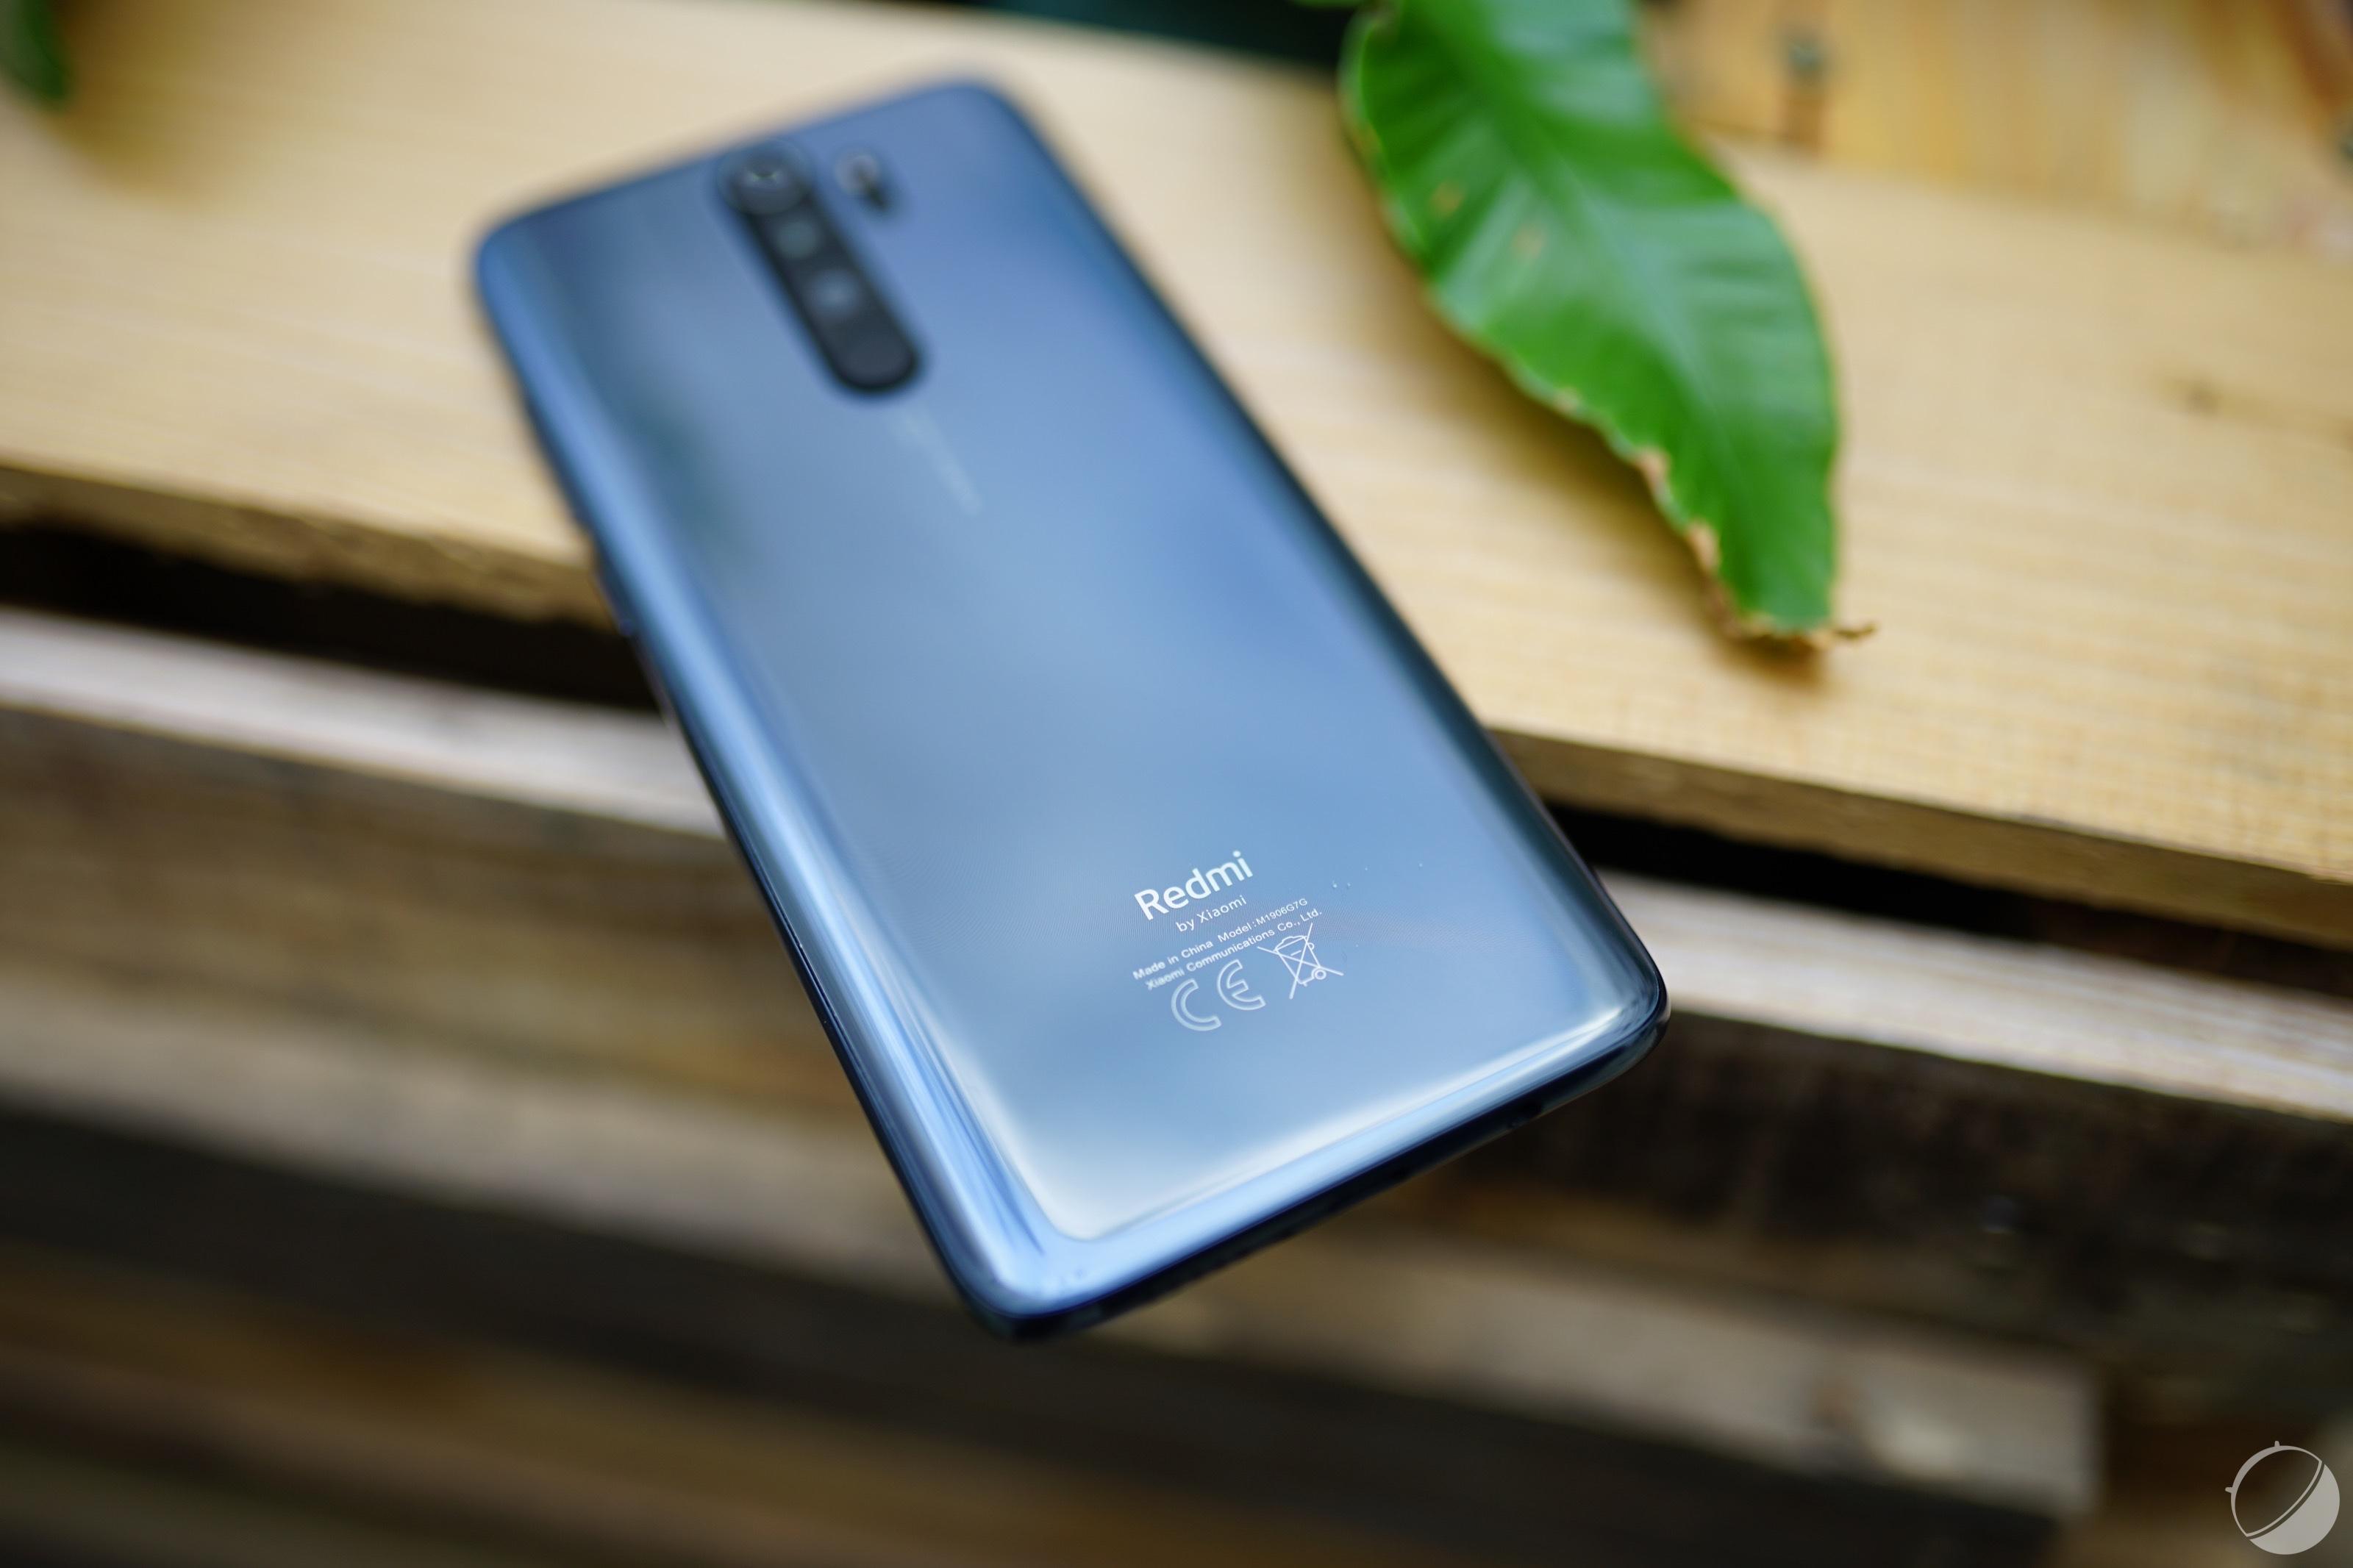 La 5G va devenir abordable sur smartphone dès 2020